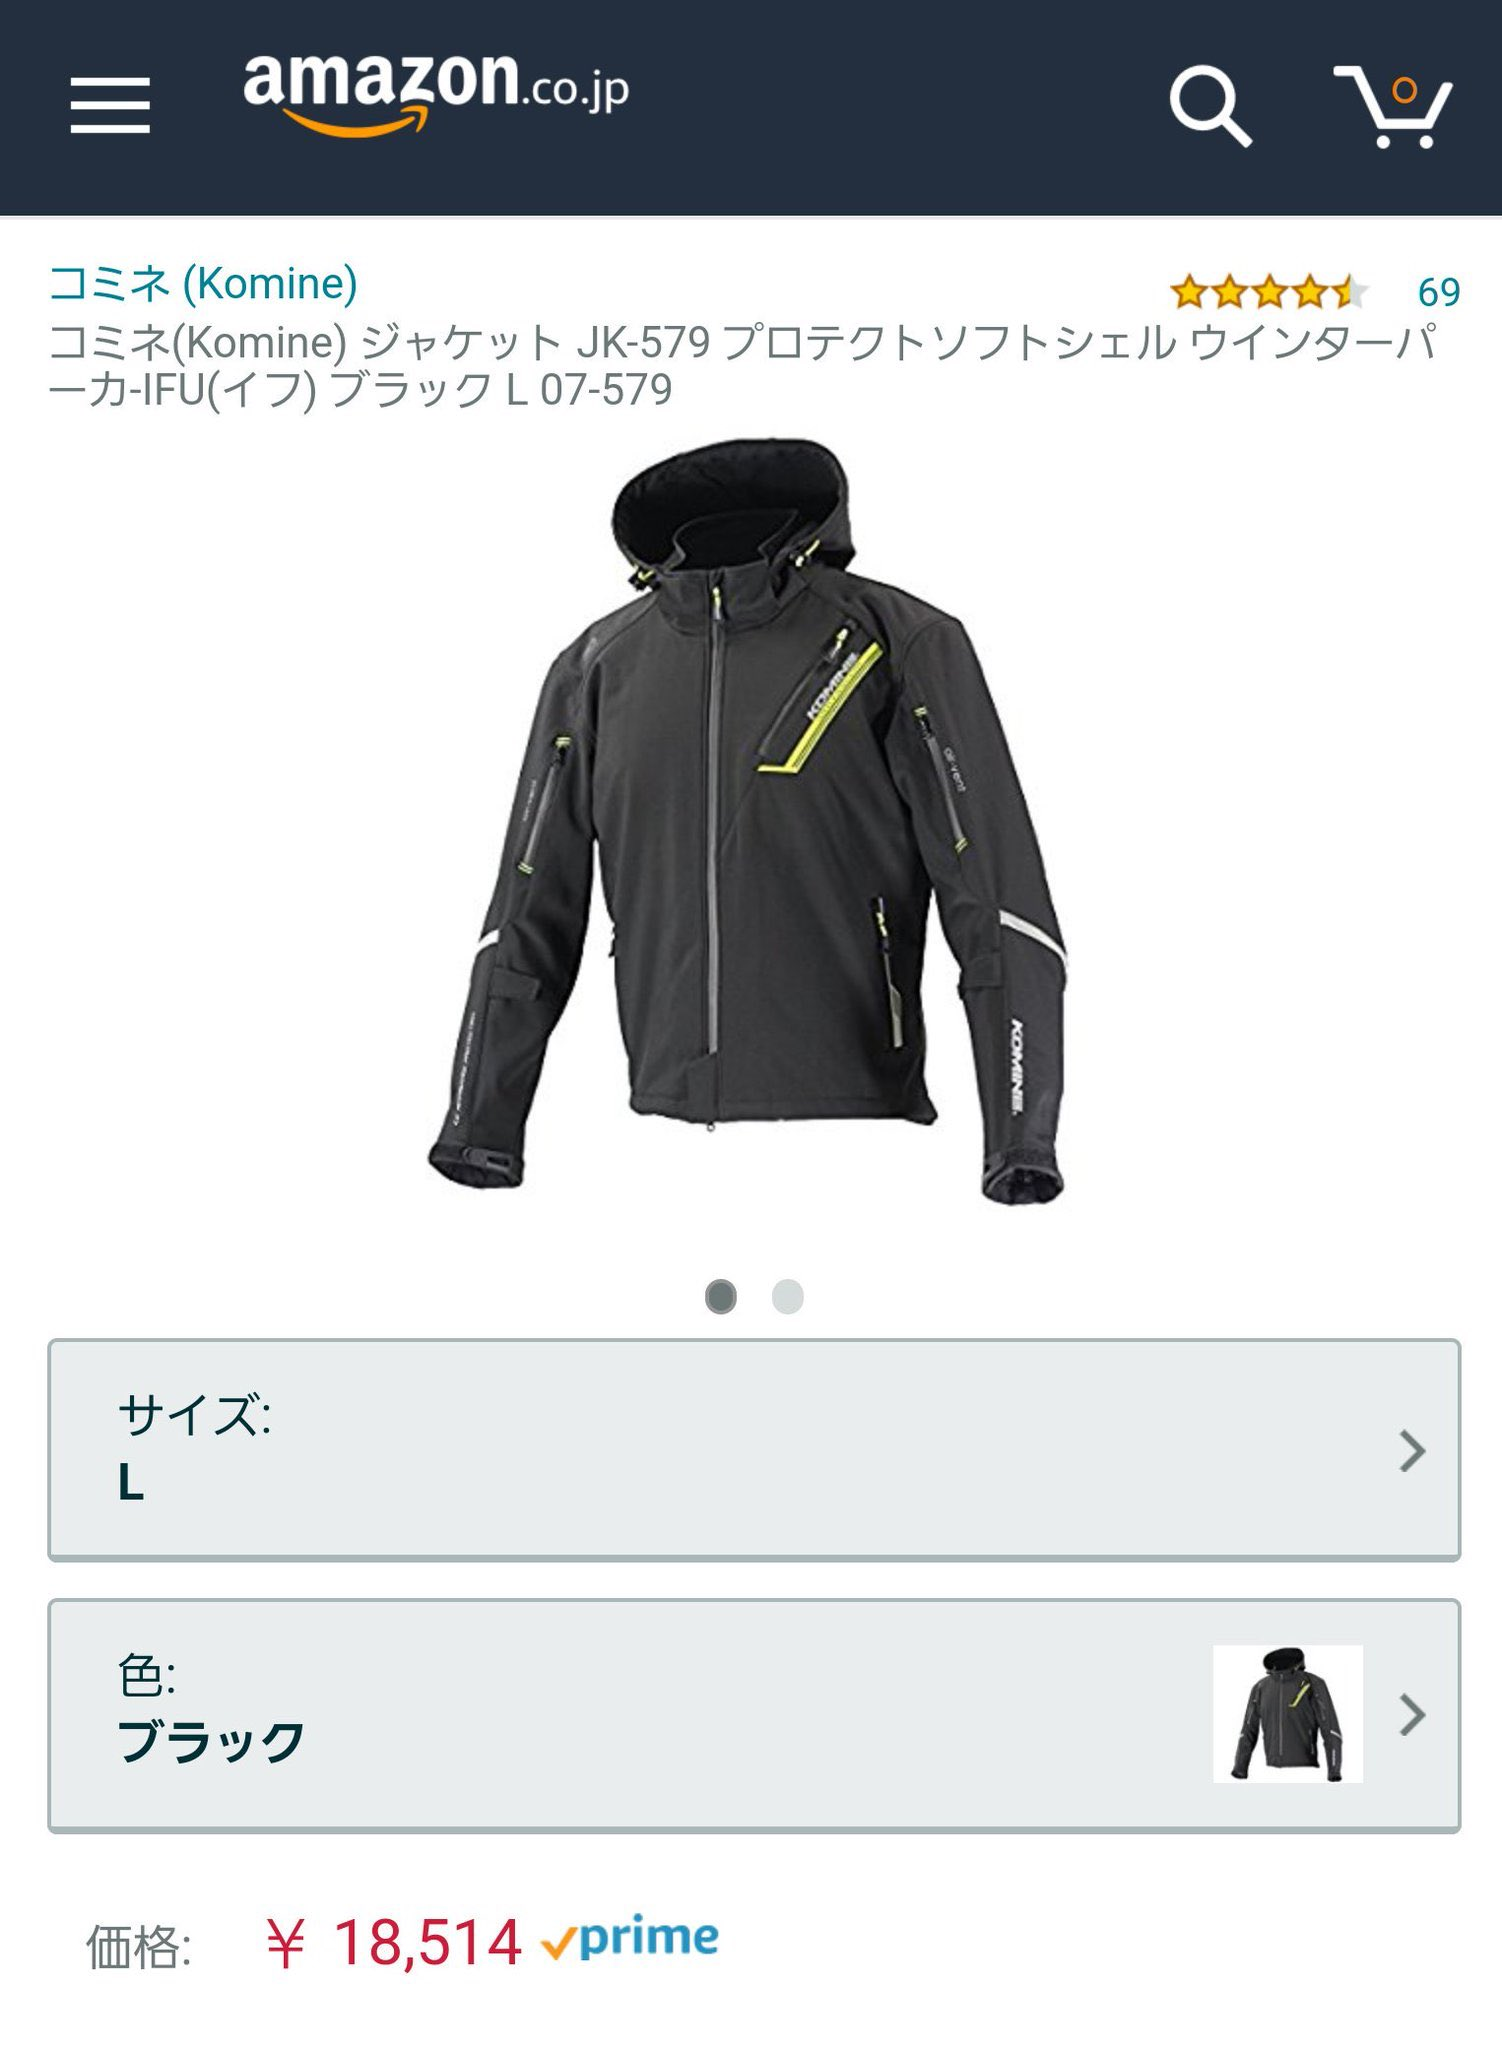 これほど信頼できるAmazonレビューはない?バイクのジャケットの耐久性を実際に事故って検証!